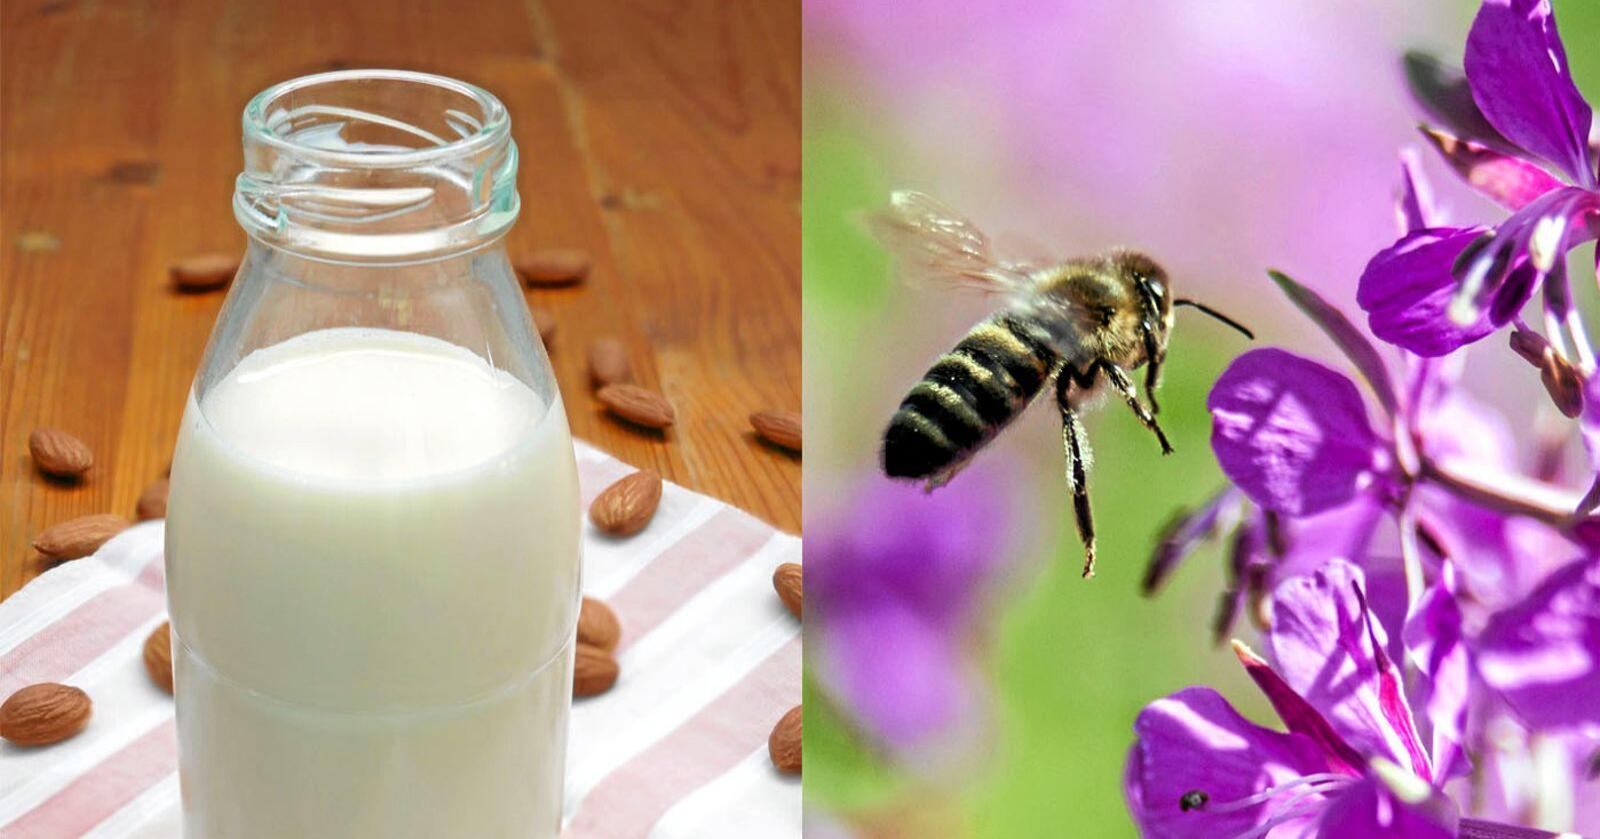 Mandelmjølk har blitt veldig populært dei siste åra. Det er ikkje nødvendigvis så gode nyheiter for honningbier. Foto: Mostphotos og Paul Kleiven / NTB scanpix